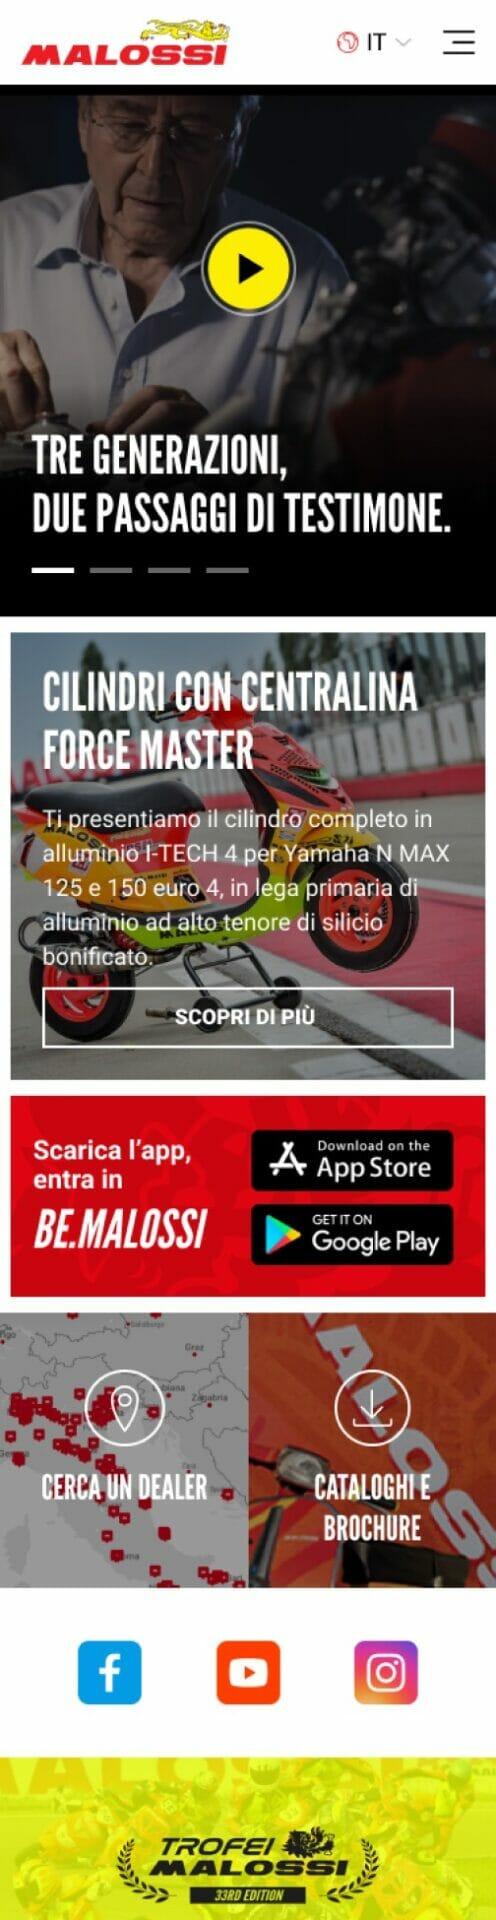 Malossi Sito Web Mobile 2